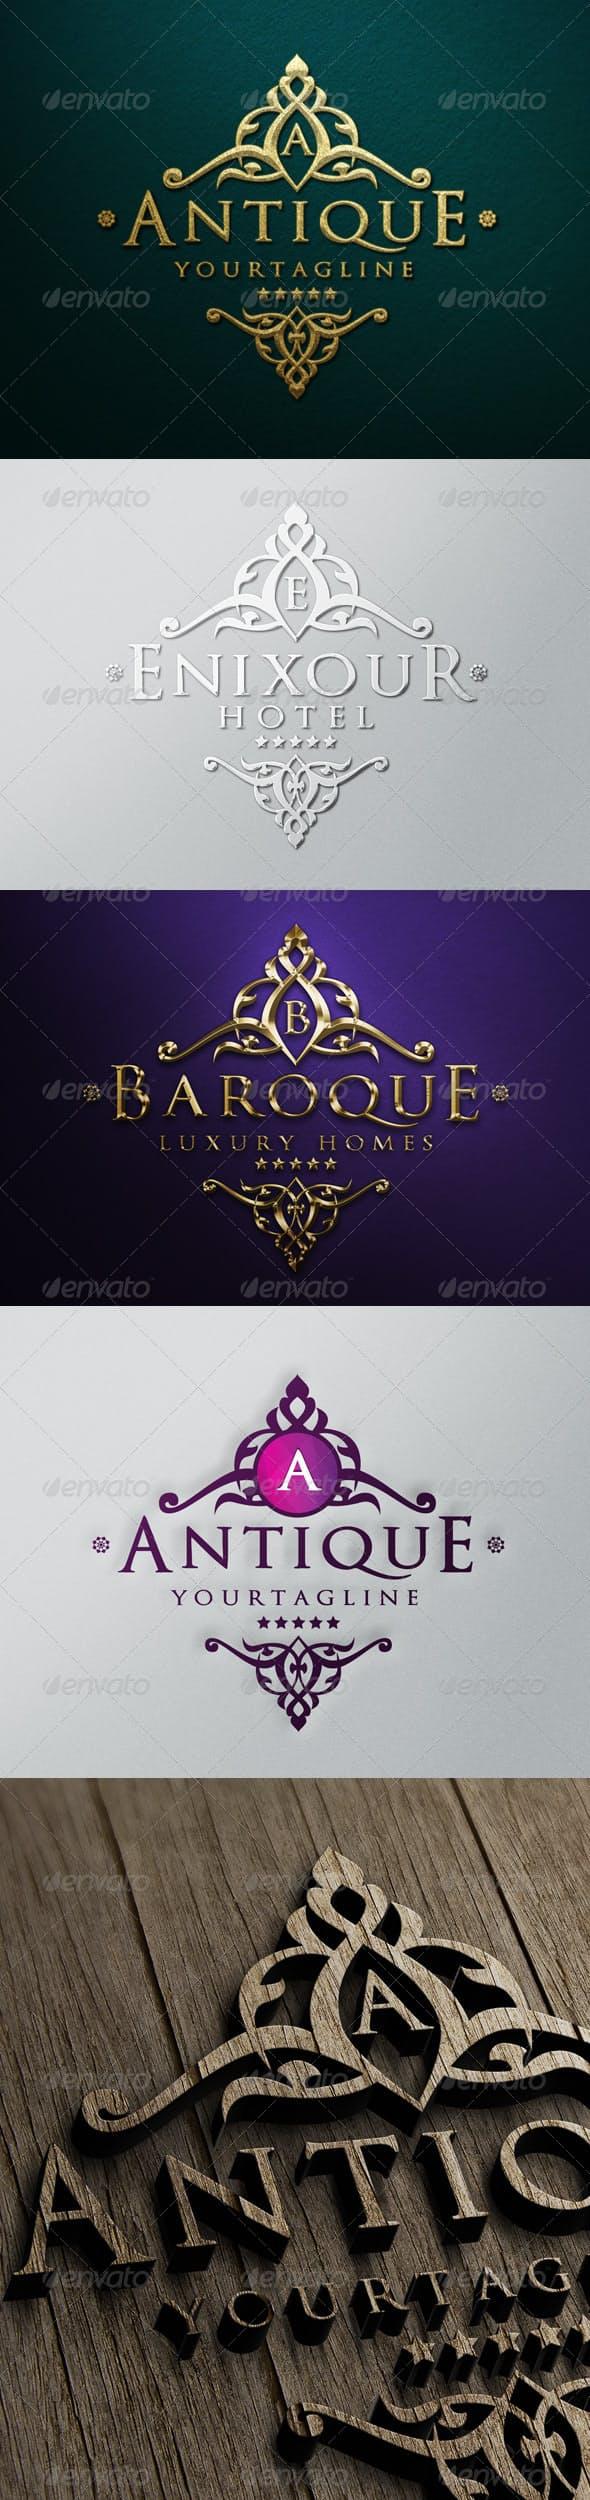 Дизайн логотипа с Кружевами для визитки